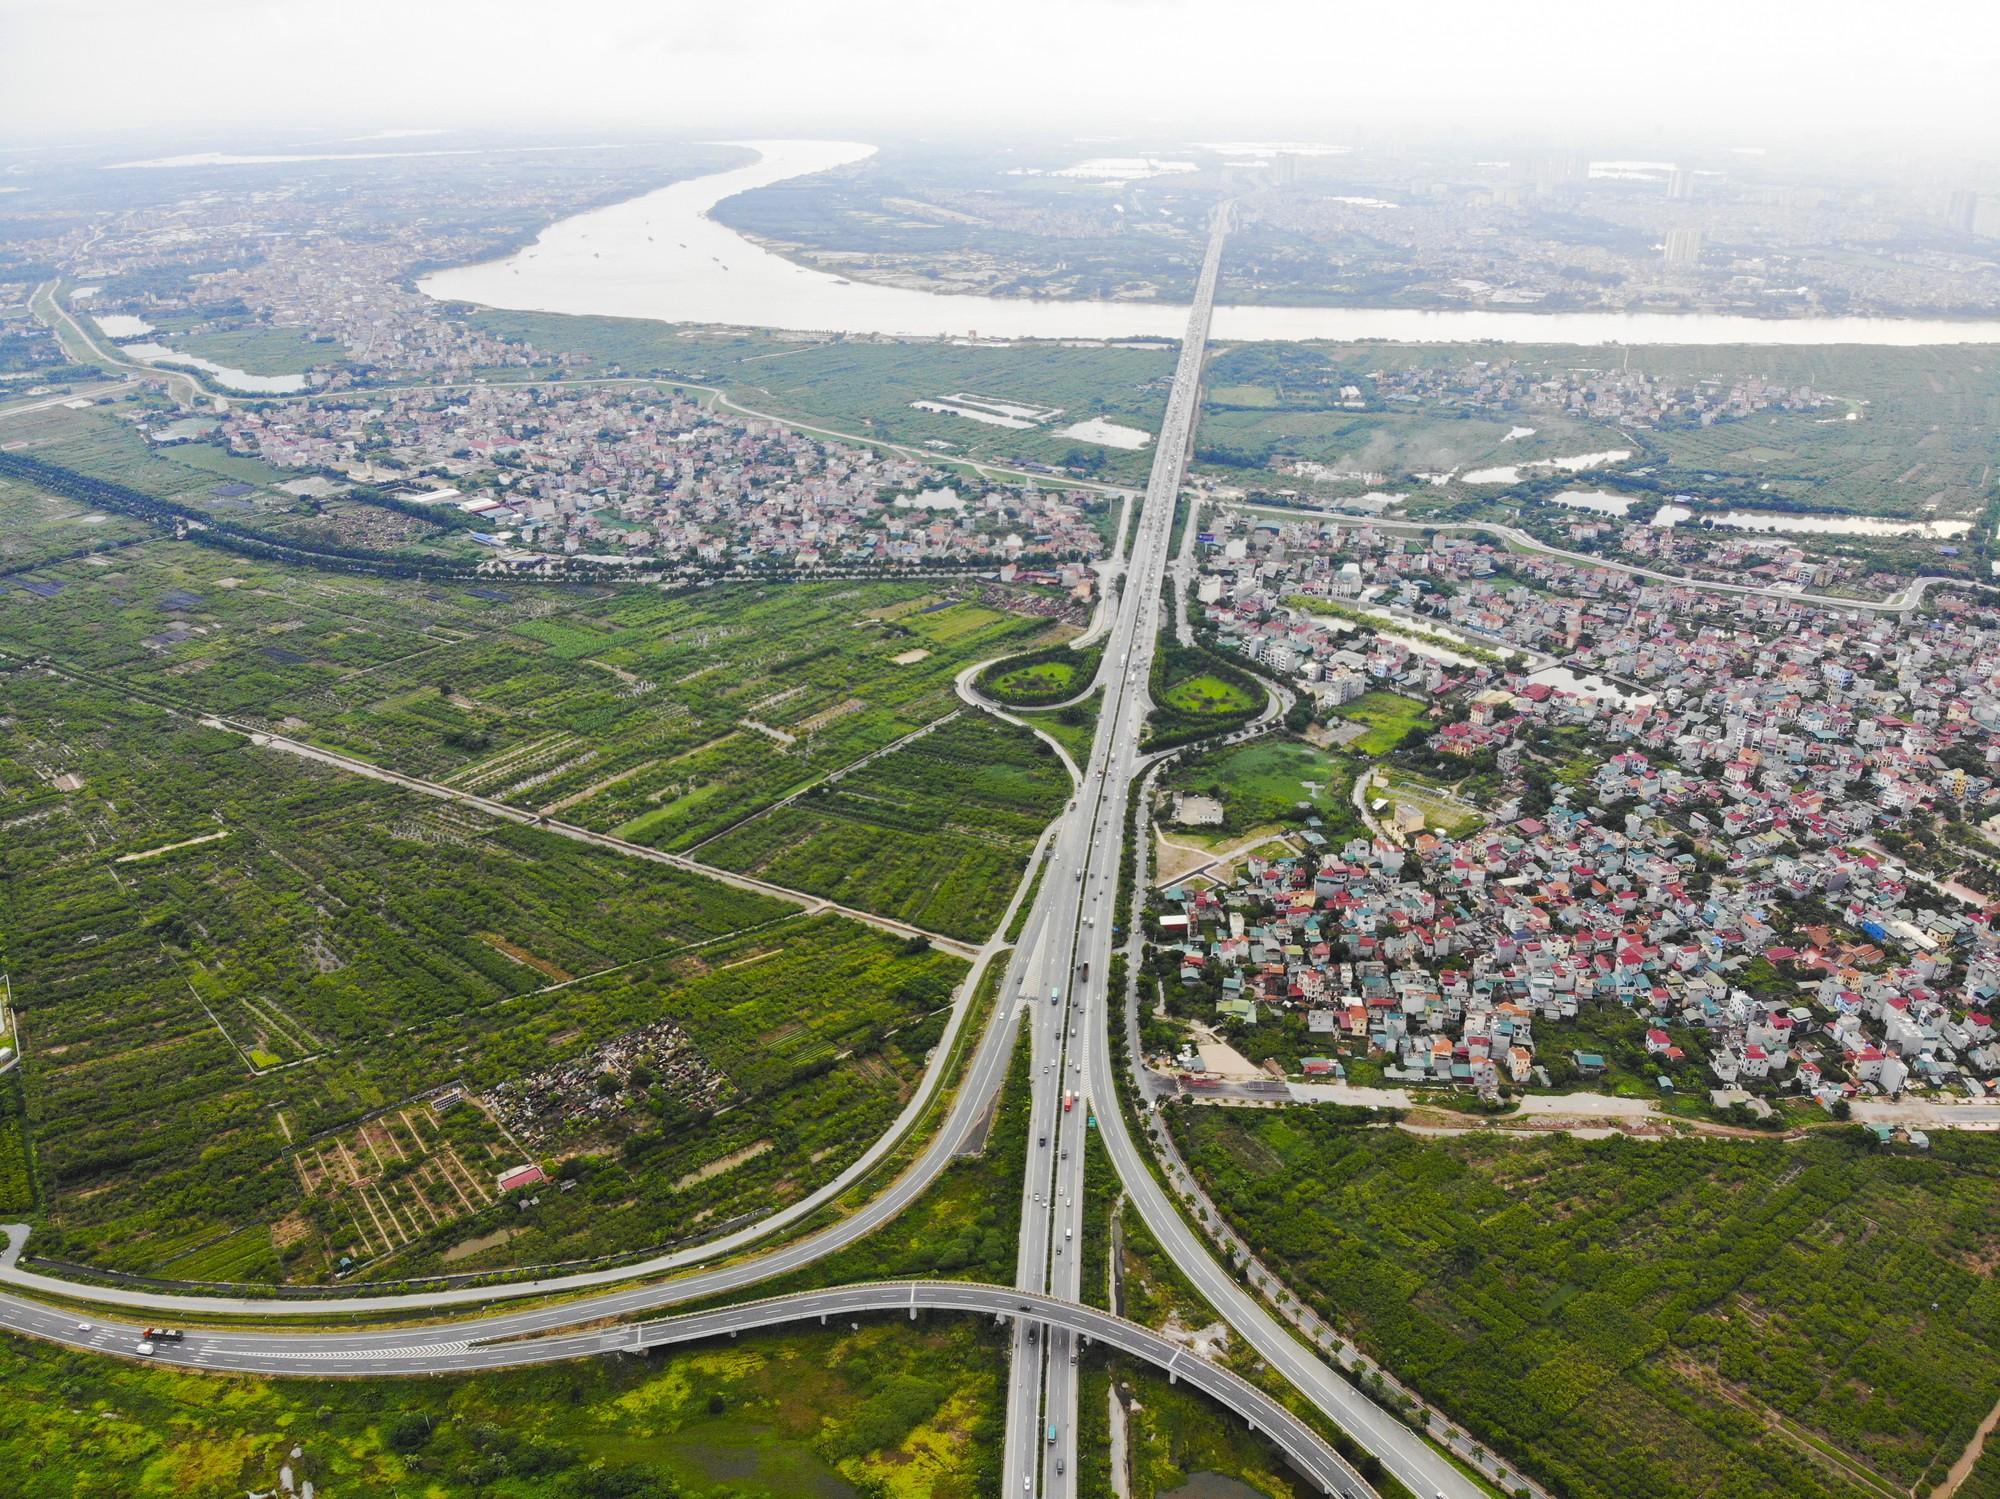 Những giao lộ khổng lồ thay đổi diện mạo cửa ngõ Thủ đô - Ảnh 11.